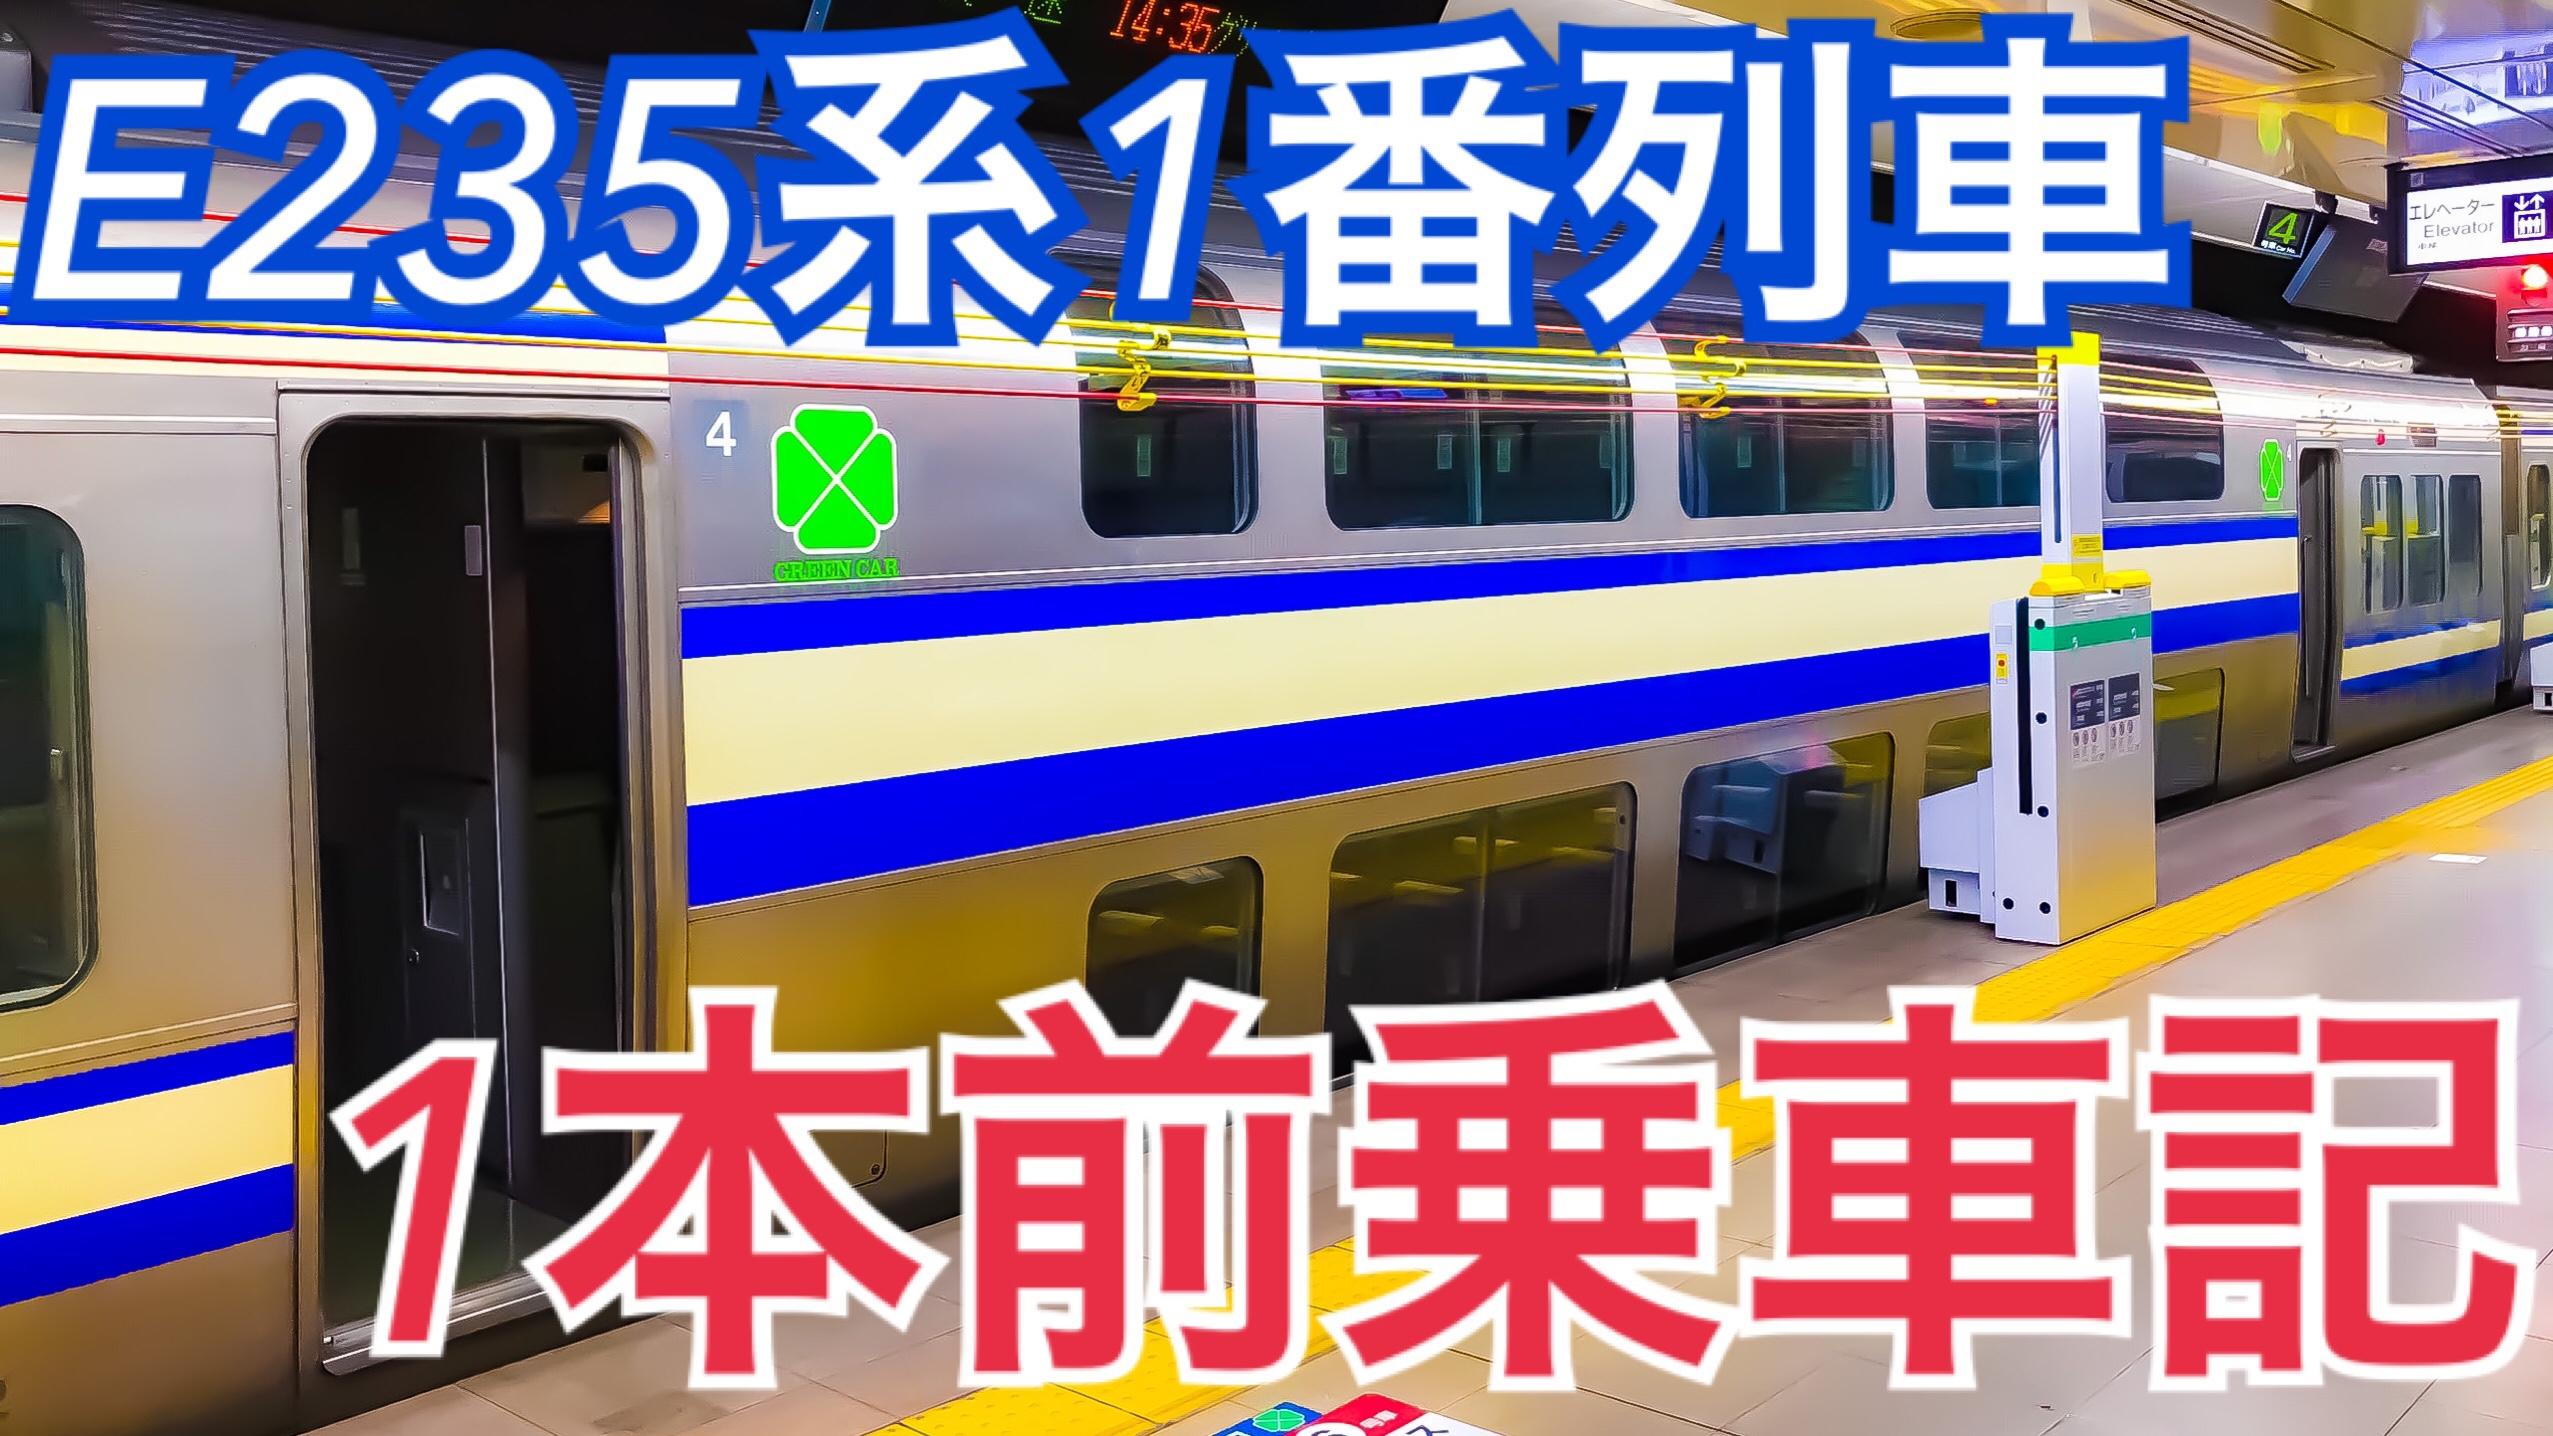 E235系デビュー!デビュー列車1本前のE217系グリーン車乗車記【成田エクスプレス38号20201221】